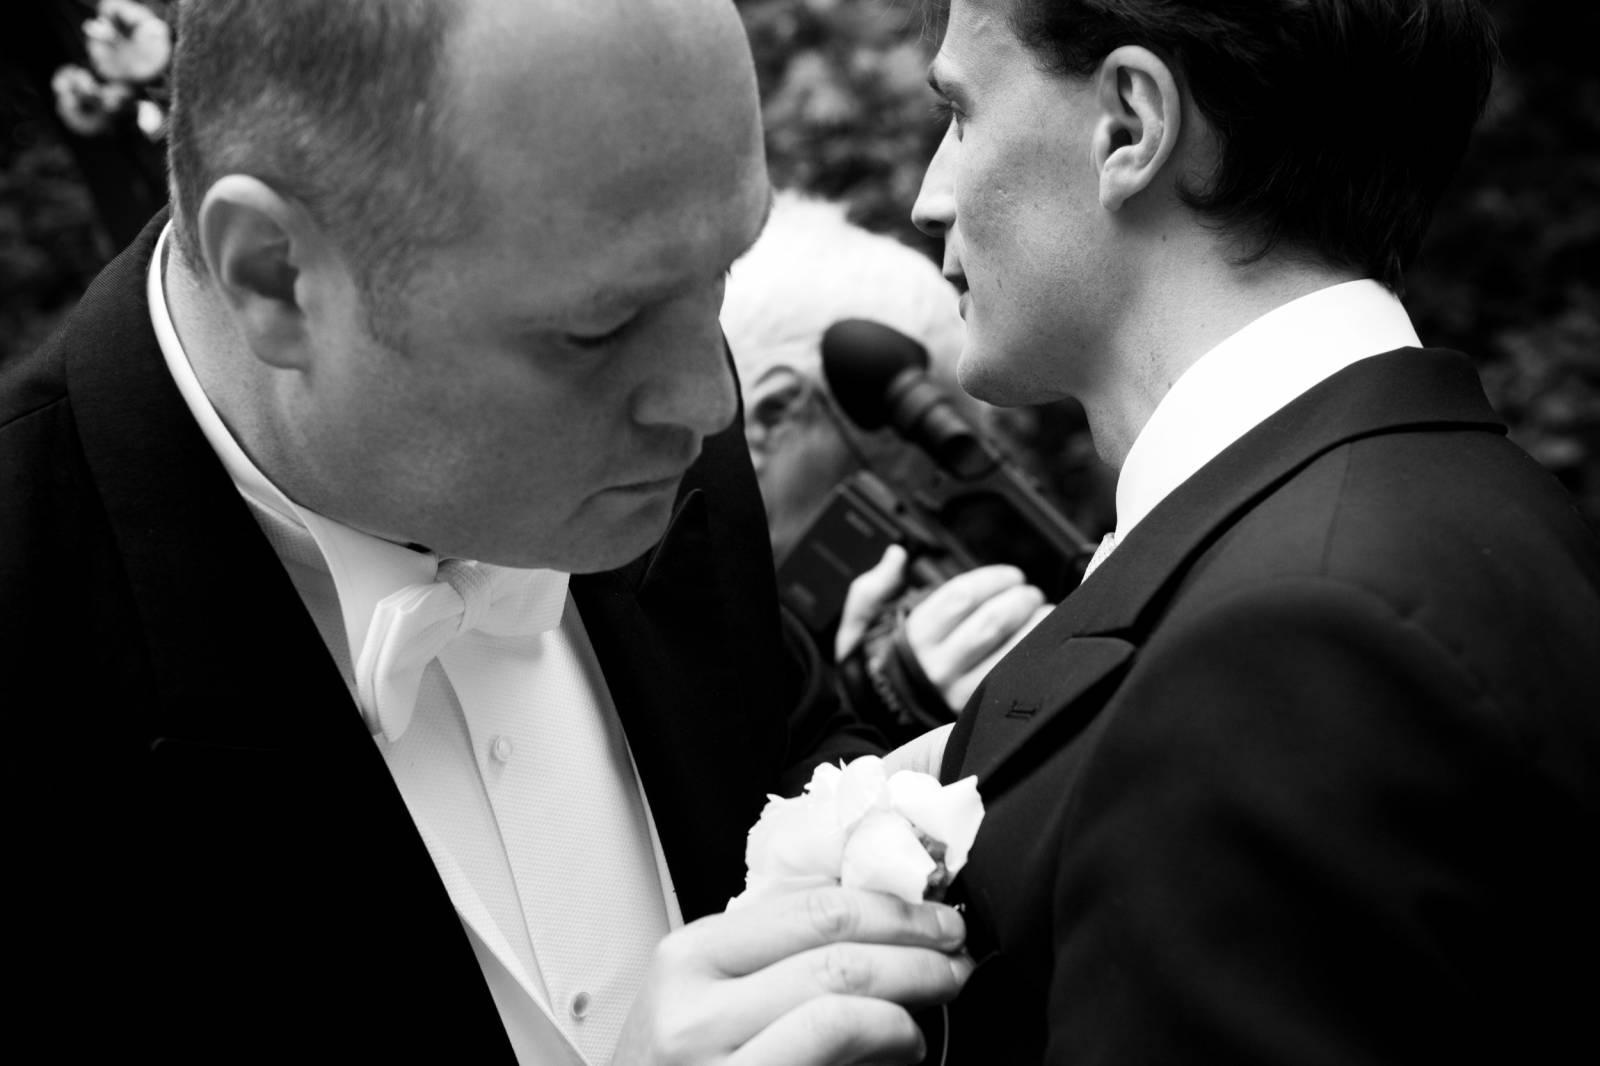 De Belgique Events - House of Weddings-04